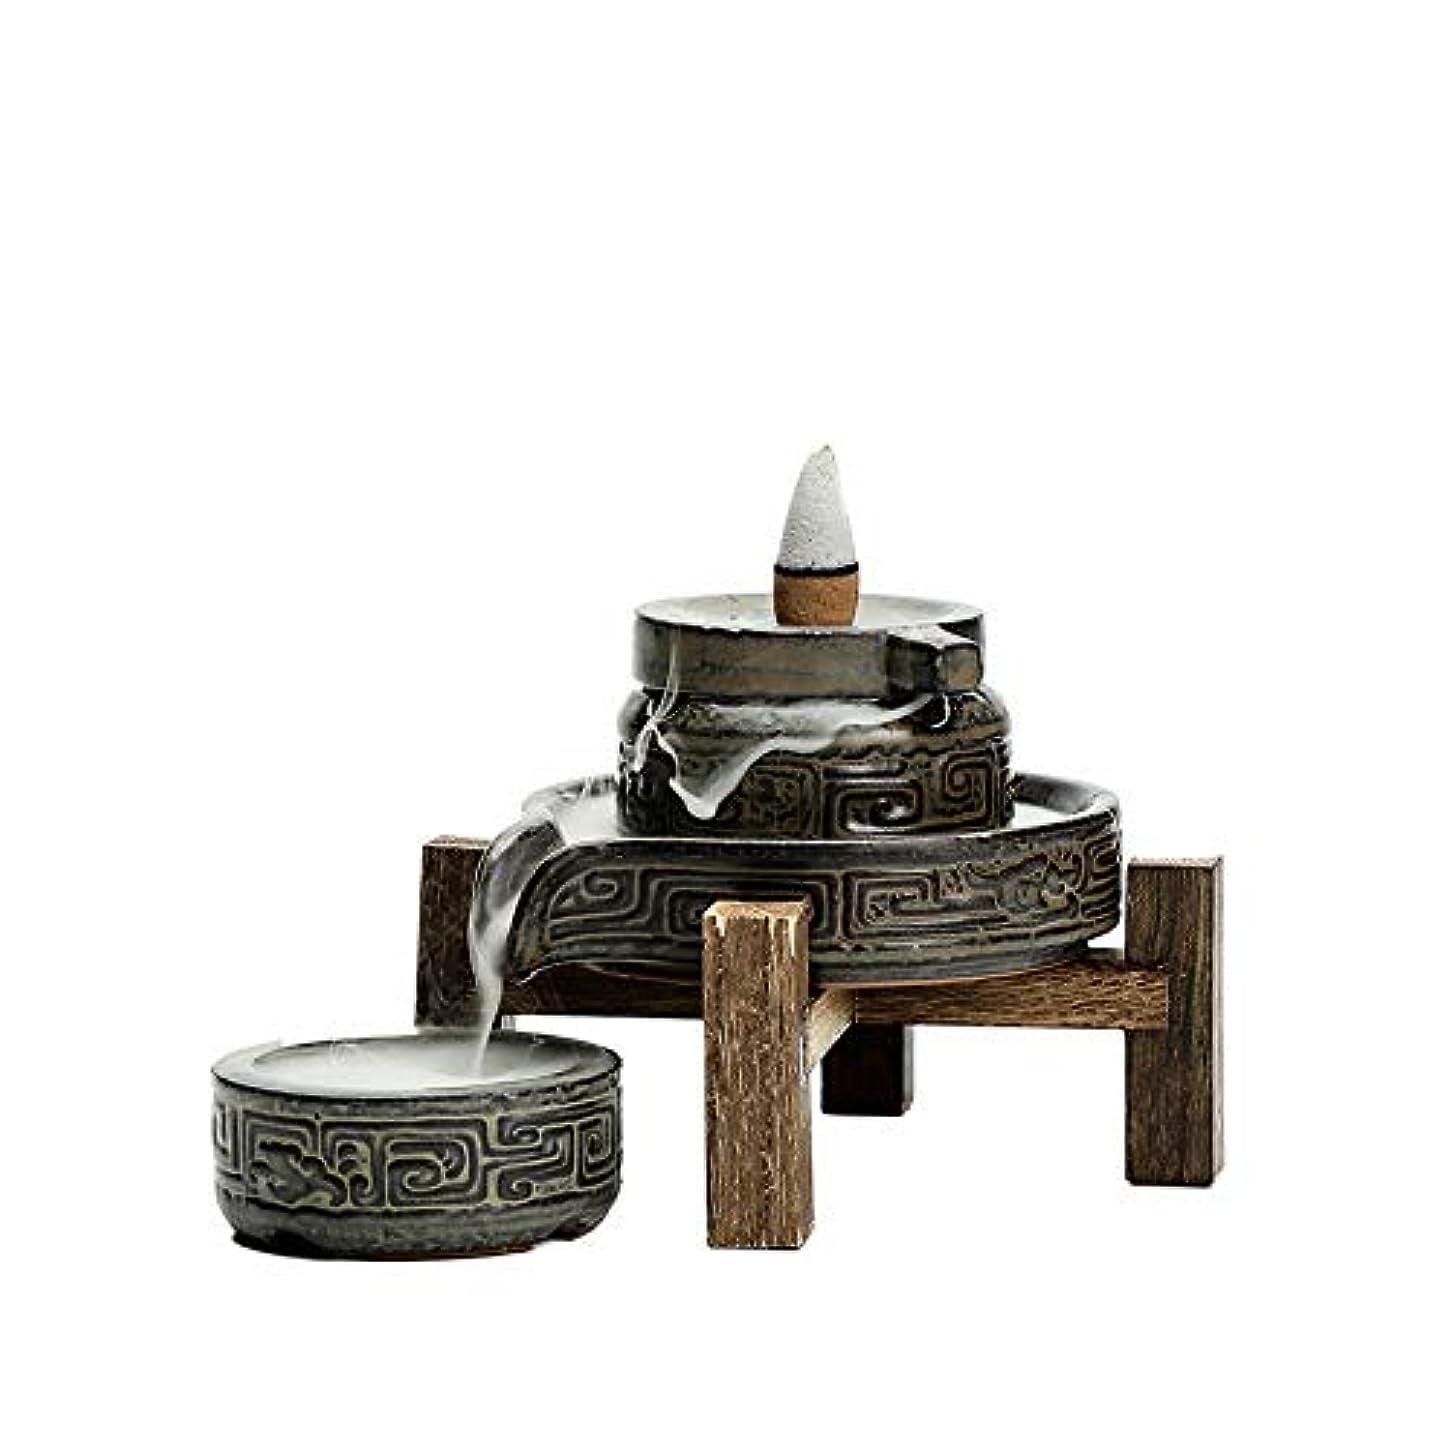 一貫した一貫した作り上げるPHILOGOD 香炉 陶器ストーンミルモデリング逆流香炉 香立て 手作りの装飾 香皿